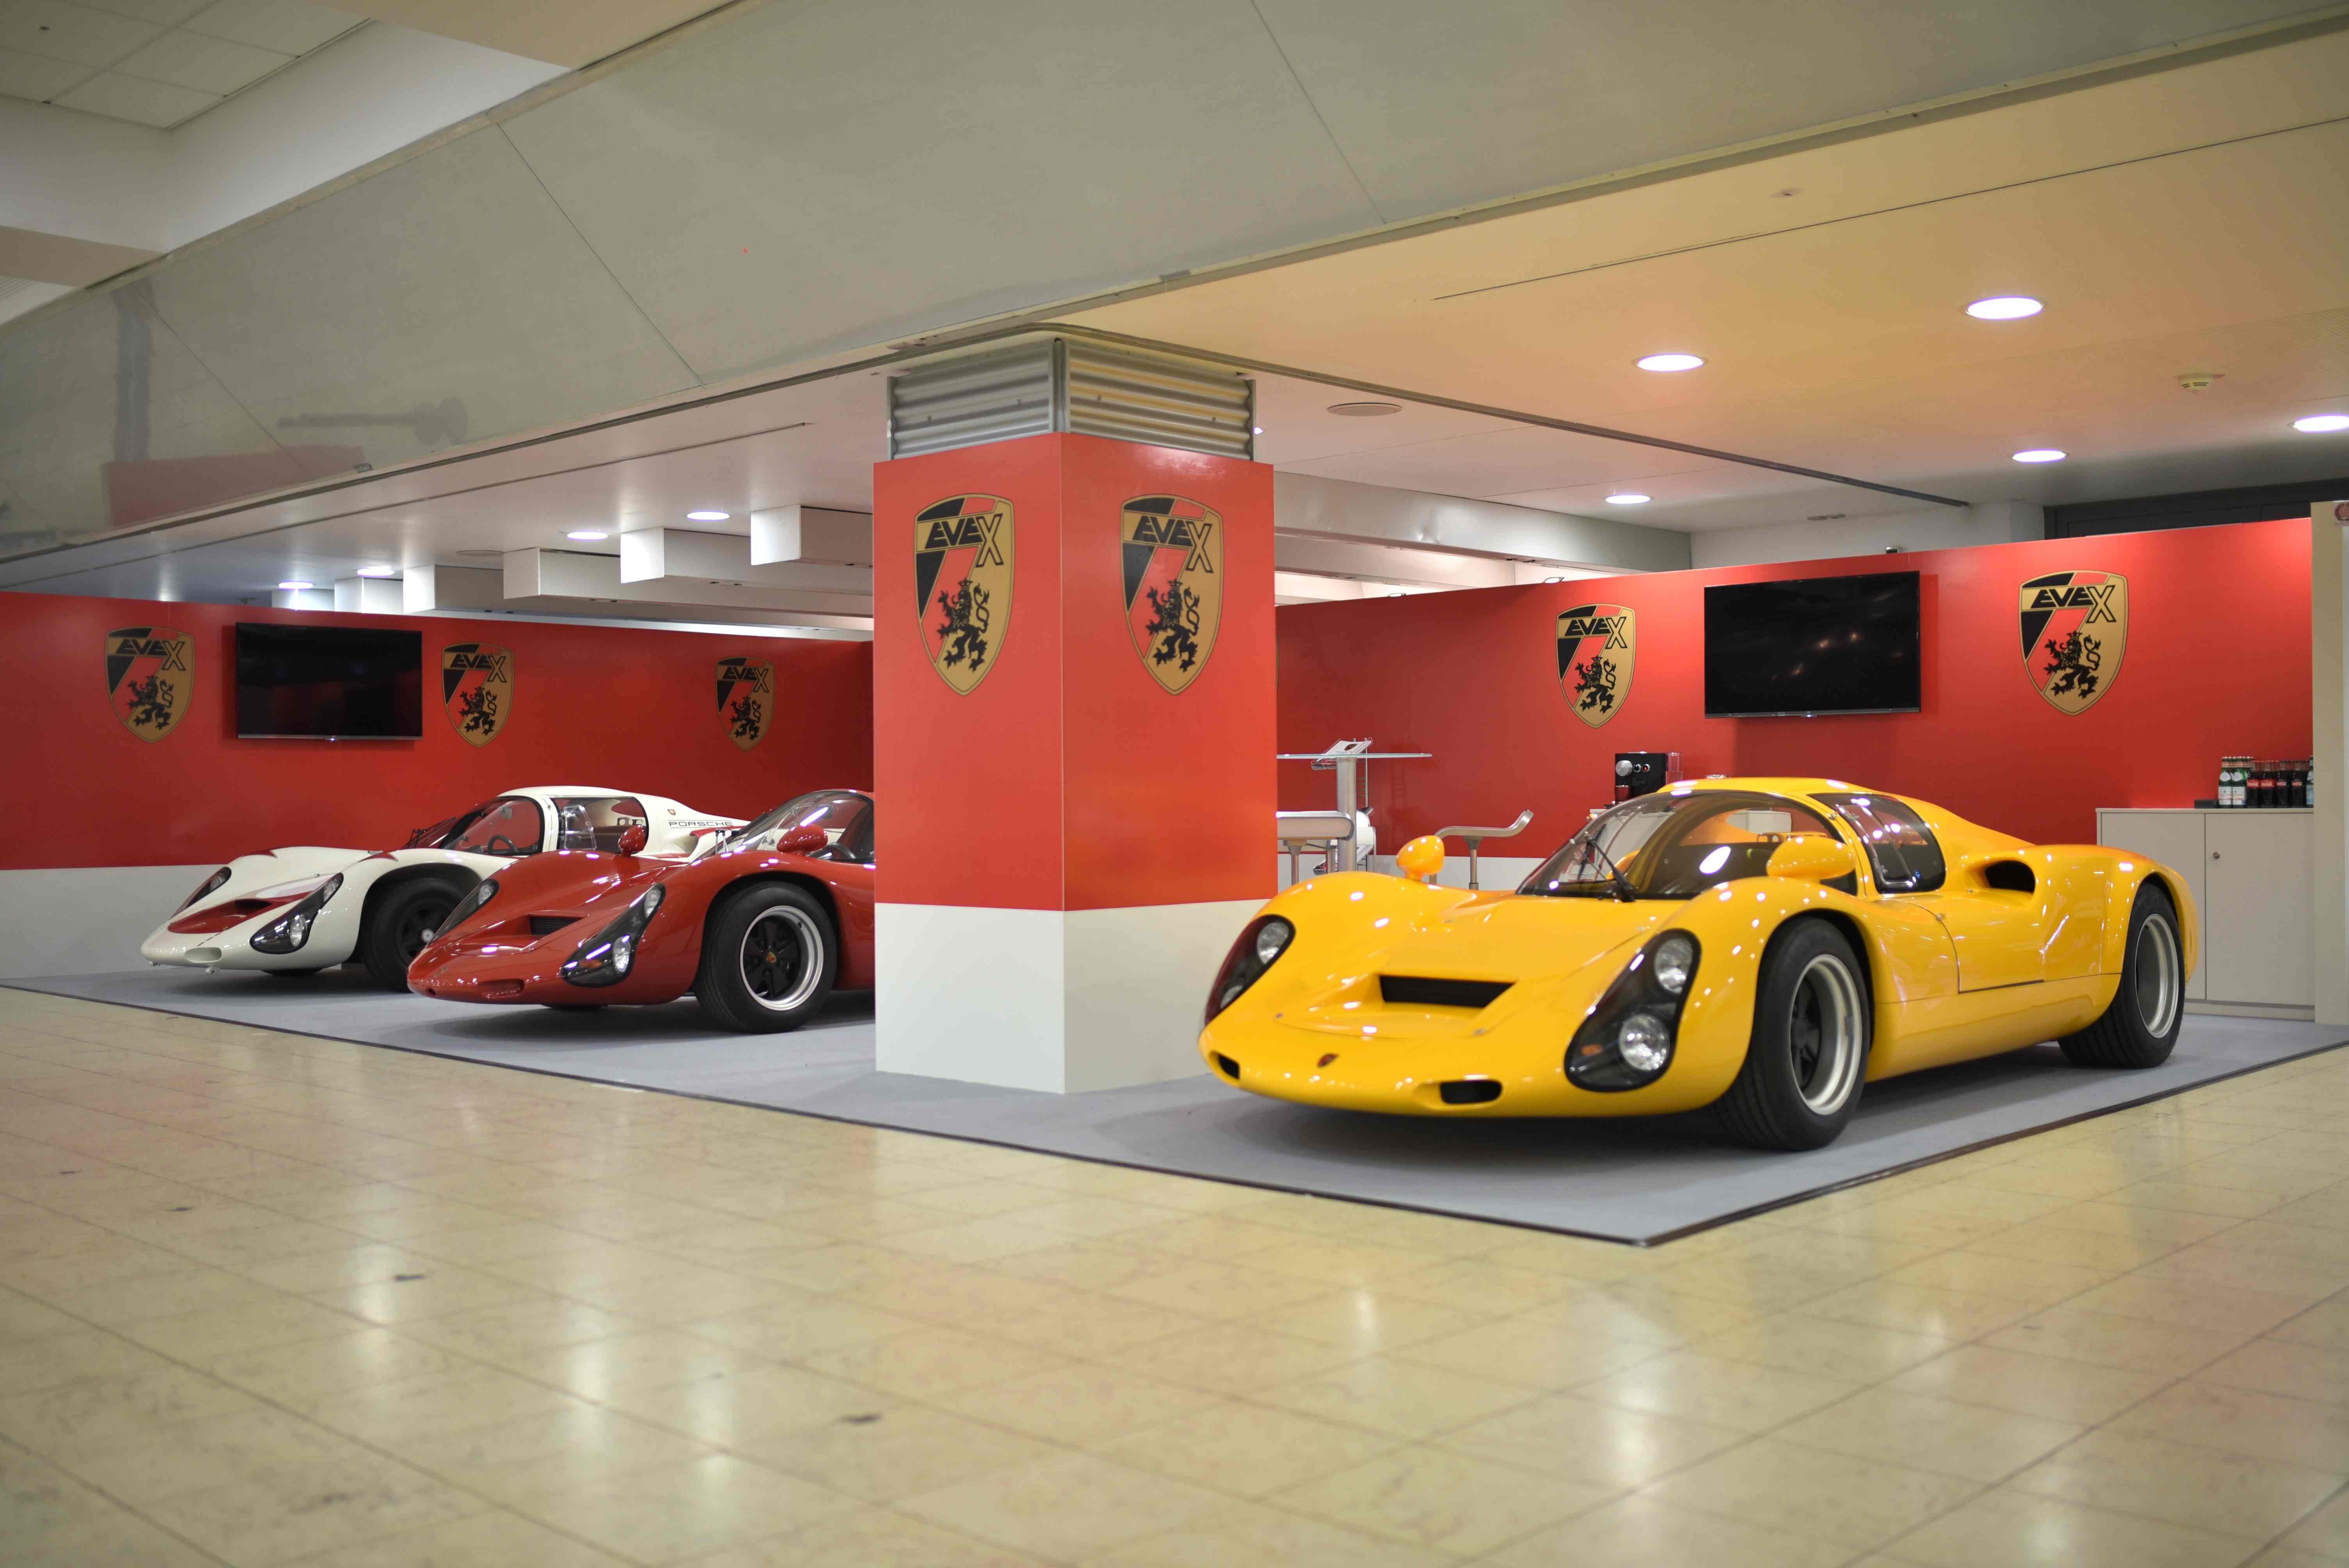 Porsche-910-und-EVEX-Porsche-910-und-Kreisel-EVEX-910e_zoldautok